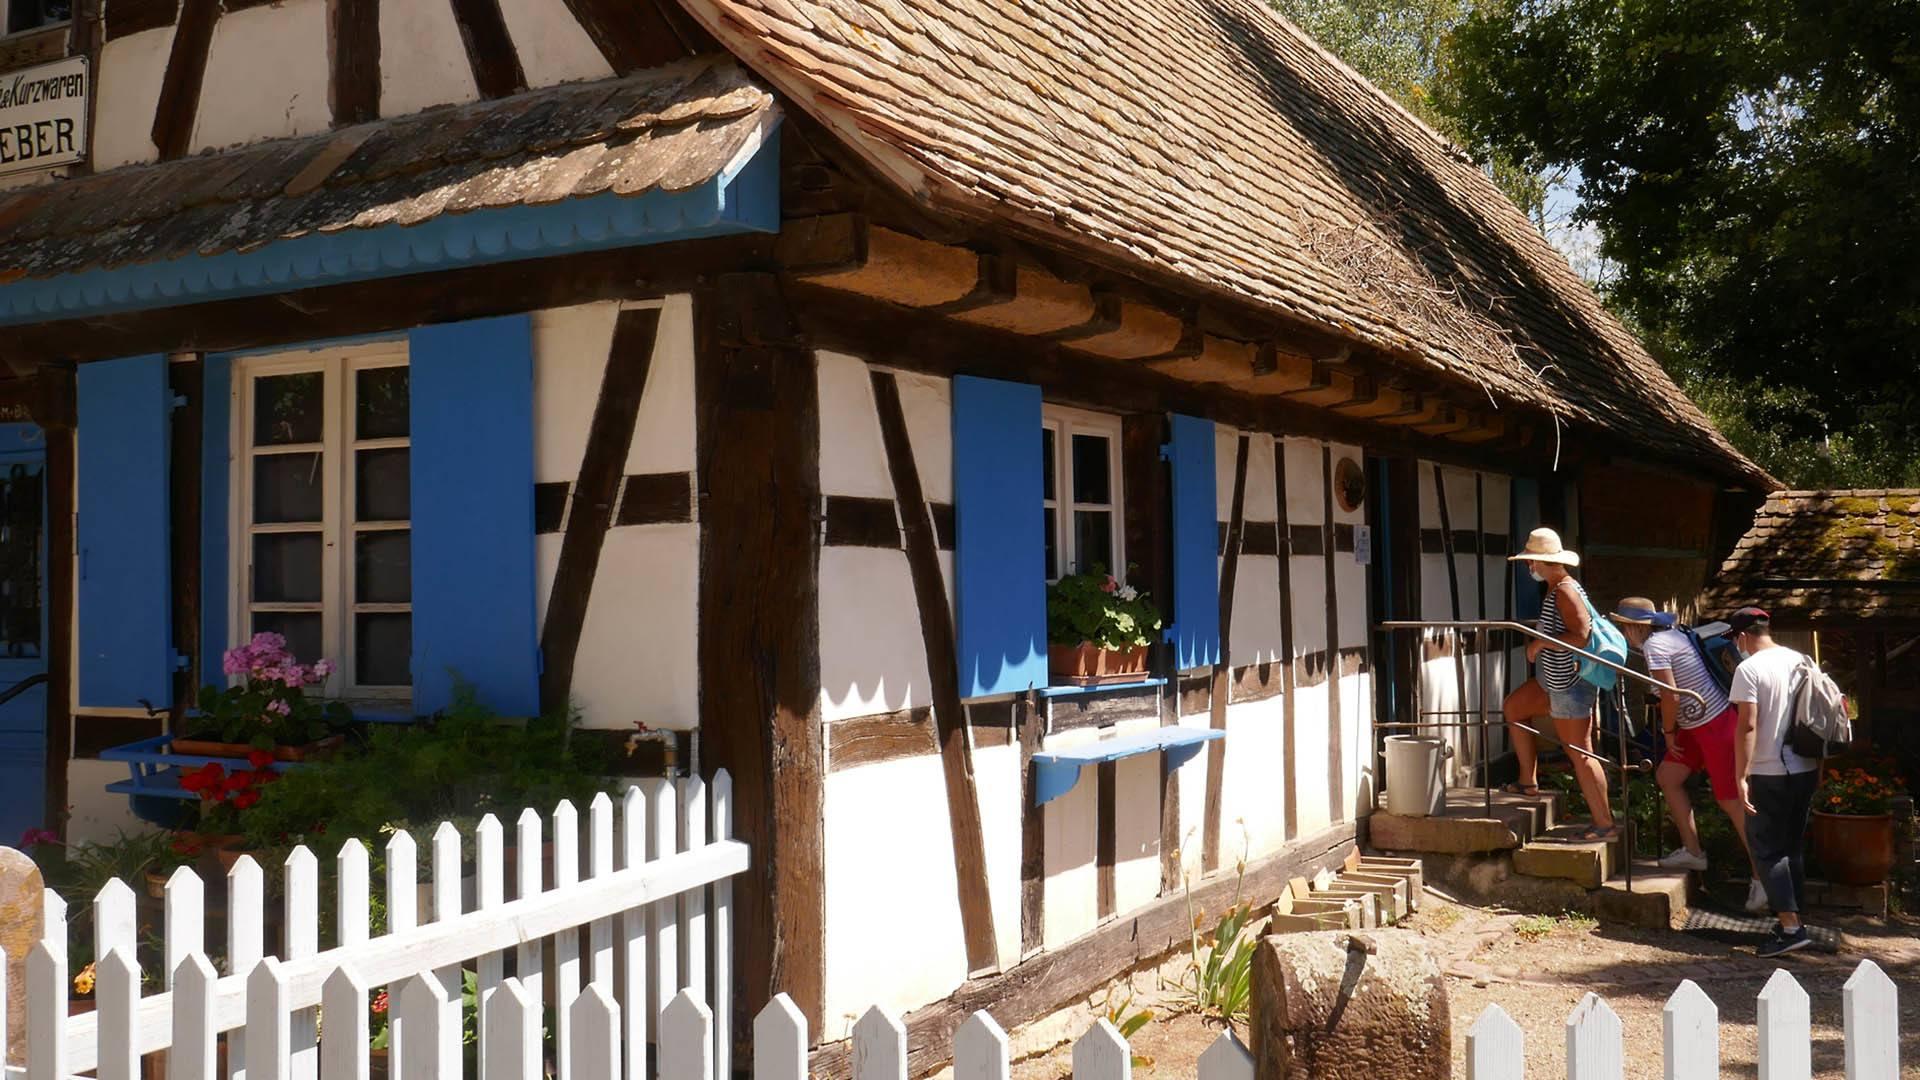 Des intérieurs rénovés à l'Ecomusée d'Alsace